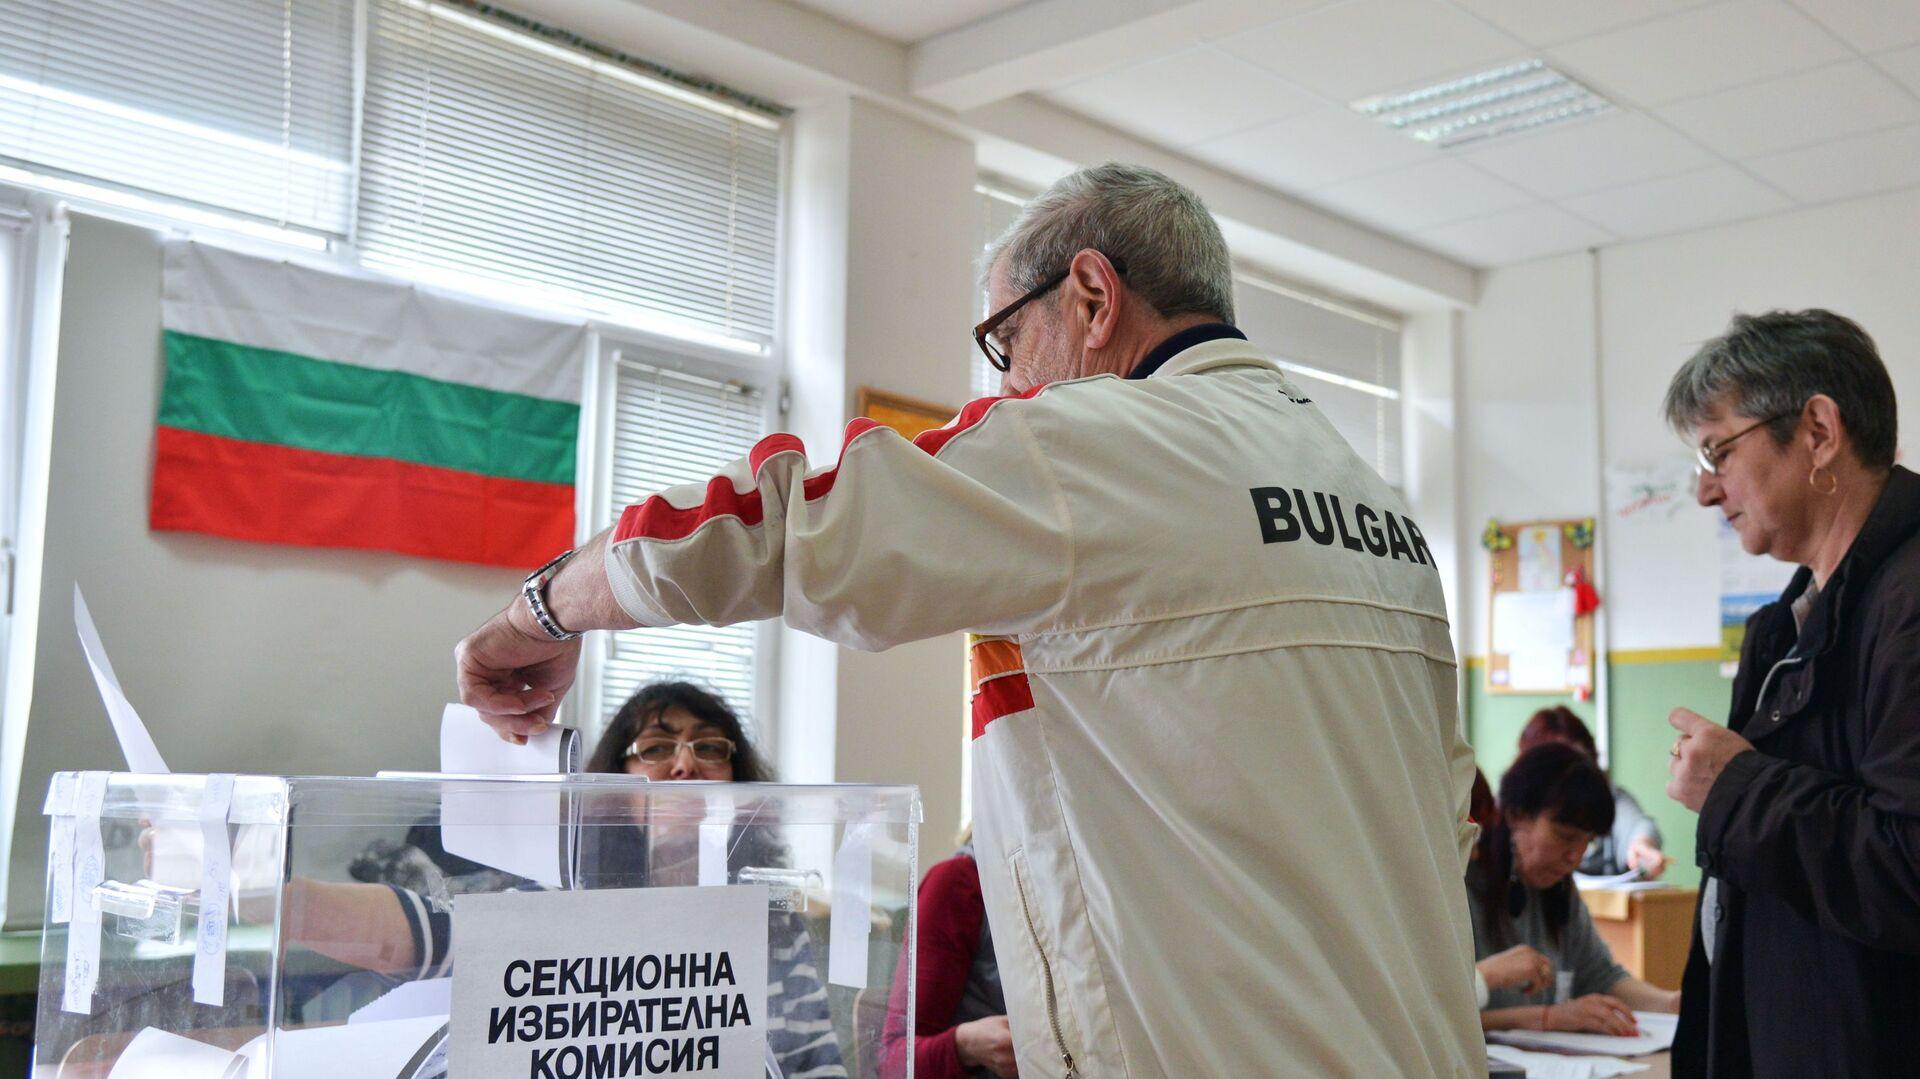 Избори у Бугарској - Sputnik Србија, 1920, 01.04.2021